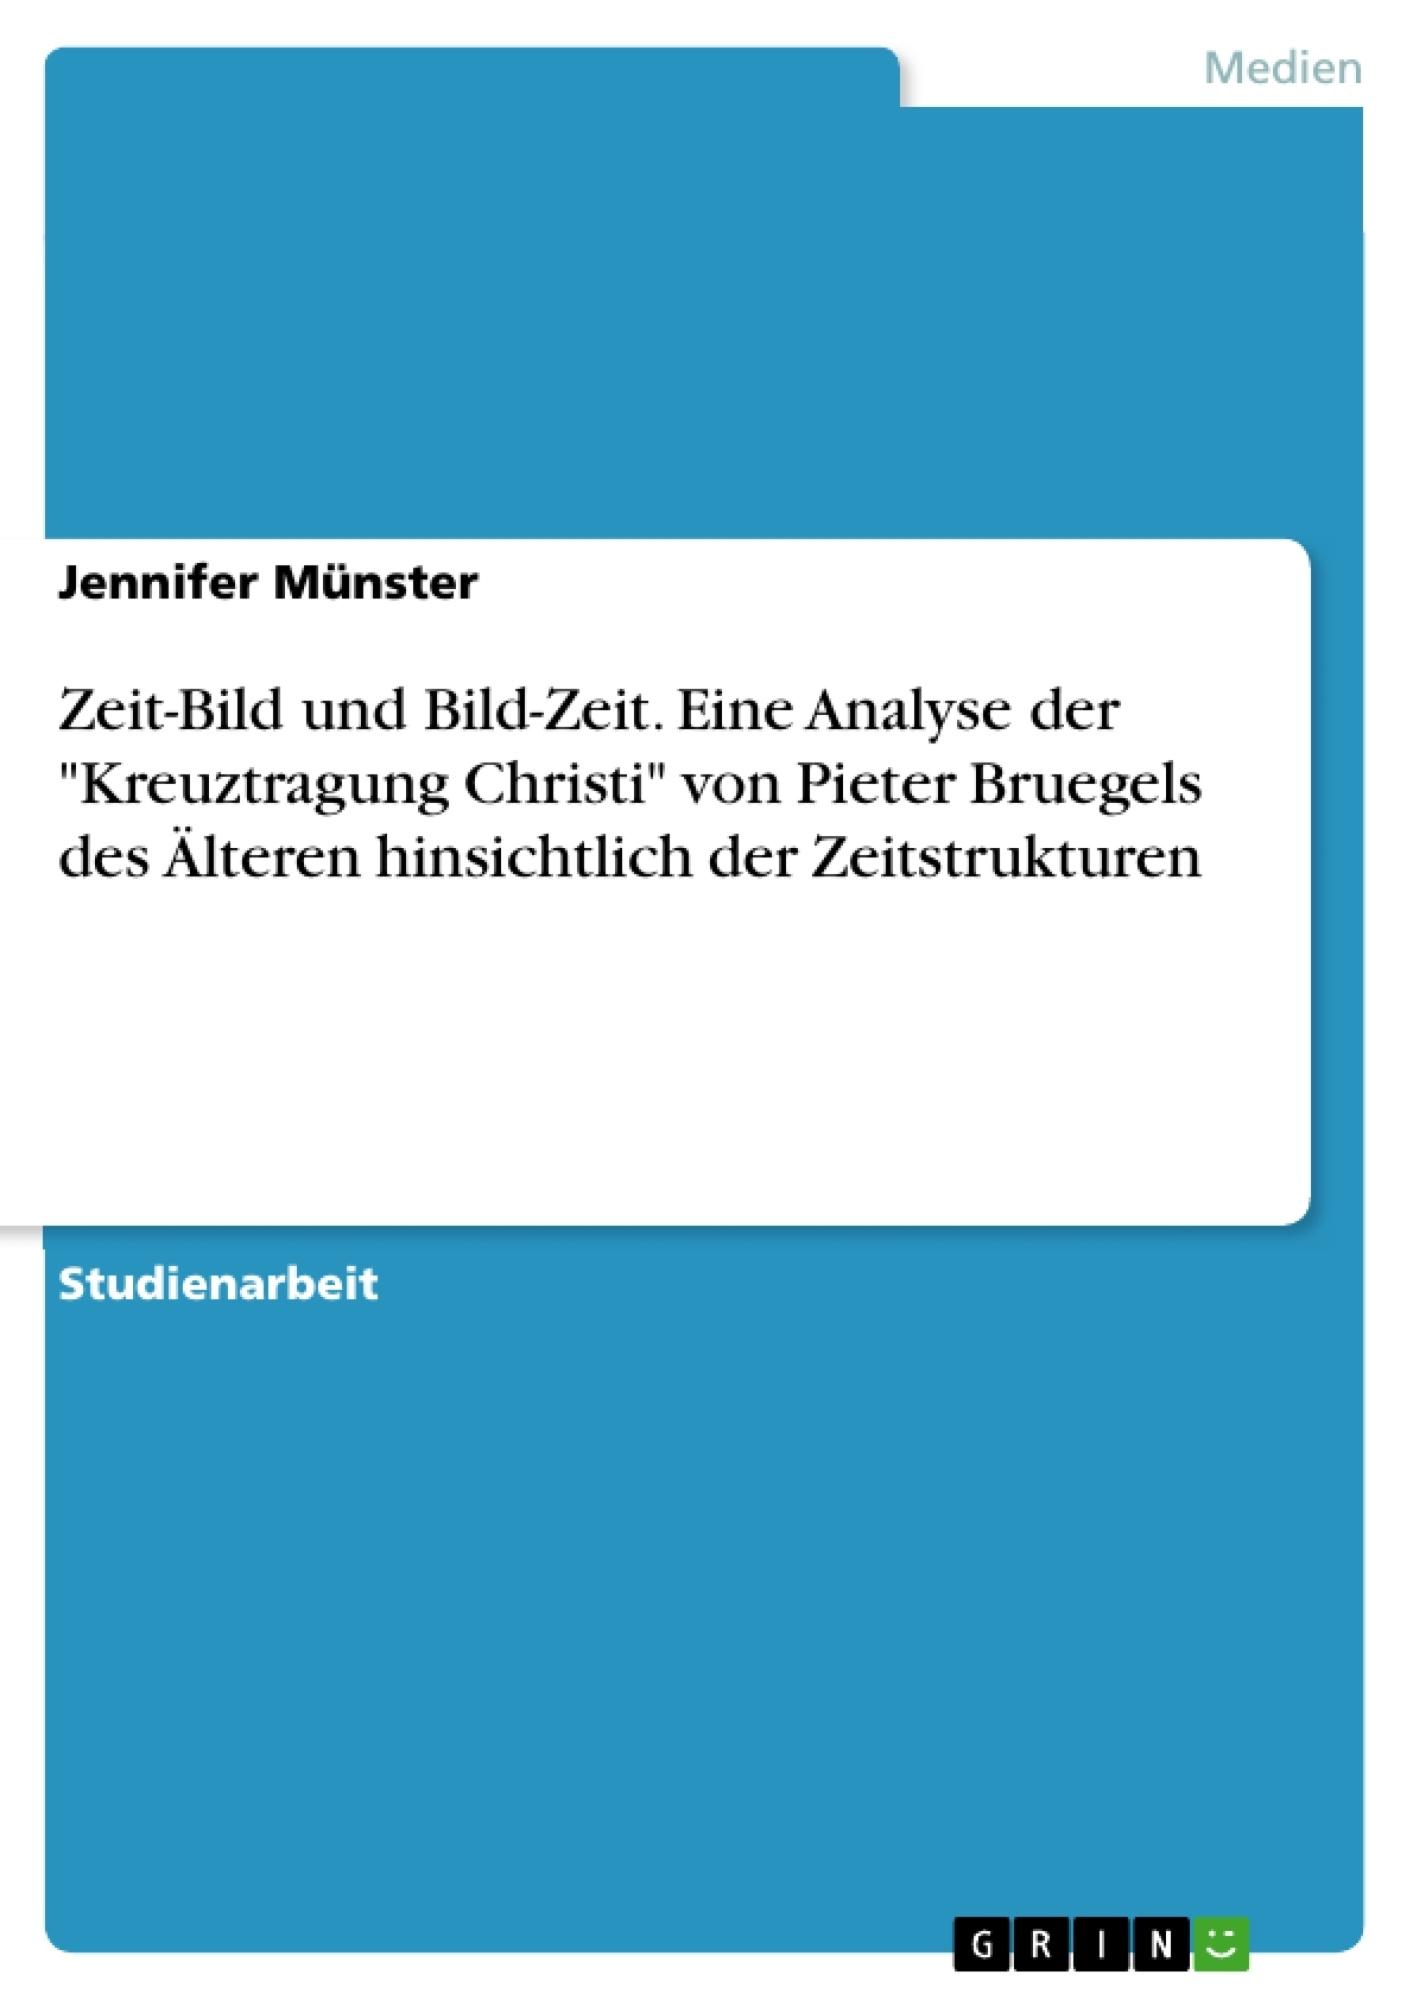 """Titel: Zeit-Bild und Bild-Zeit. Eine Analyse der """"Kreuztragung Christi"""" von Pieter Bruegels des Älteren hinsichtlich der Zeitstrukturen"""